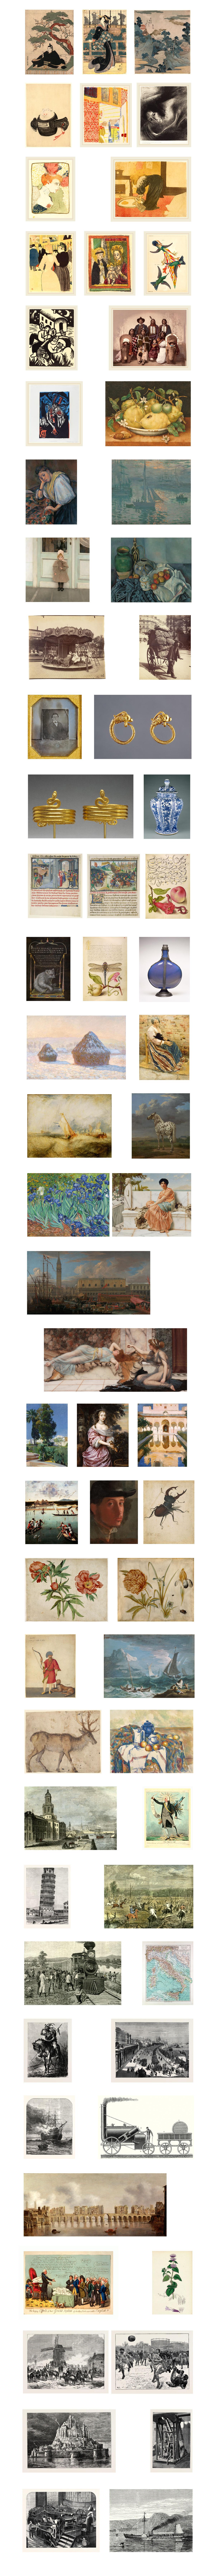 website_images_sample3